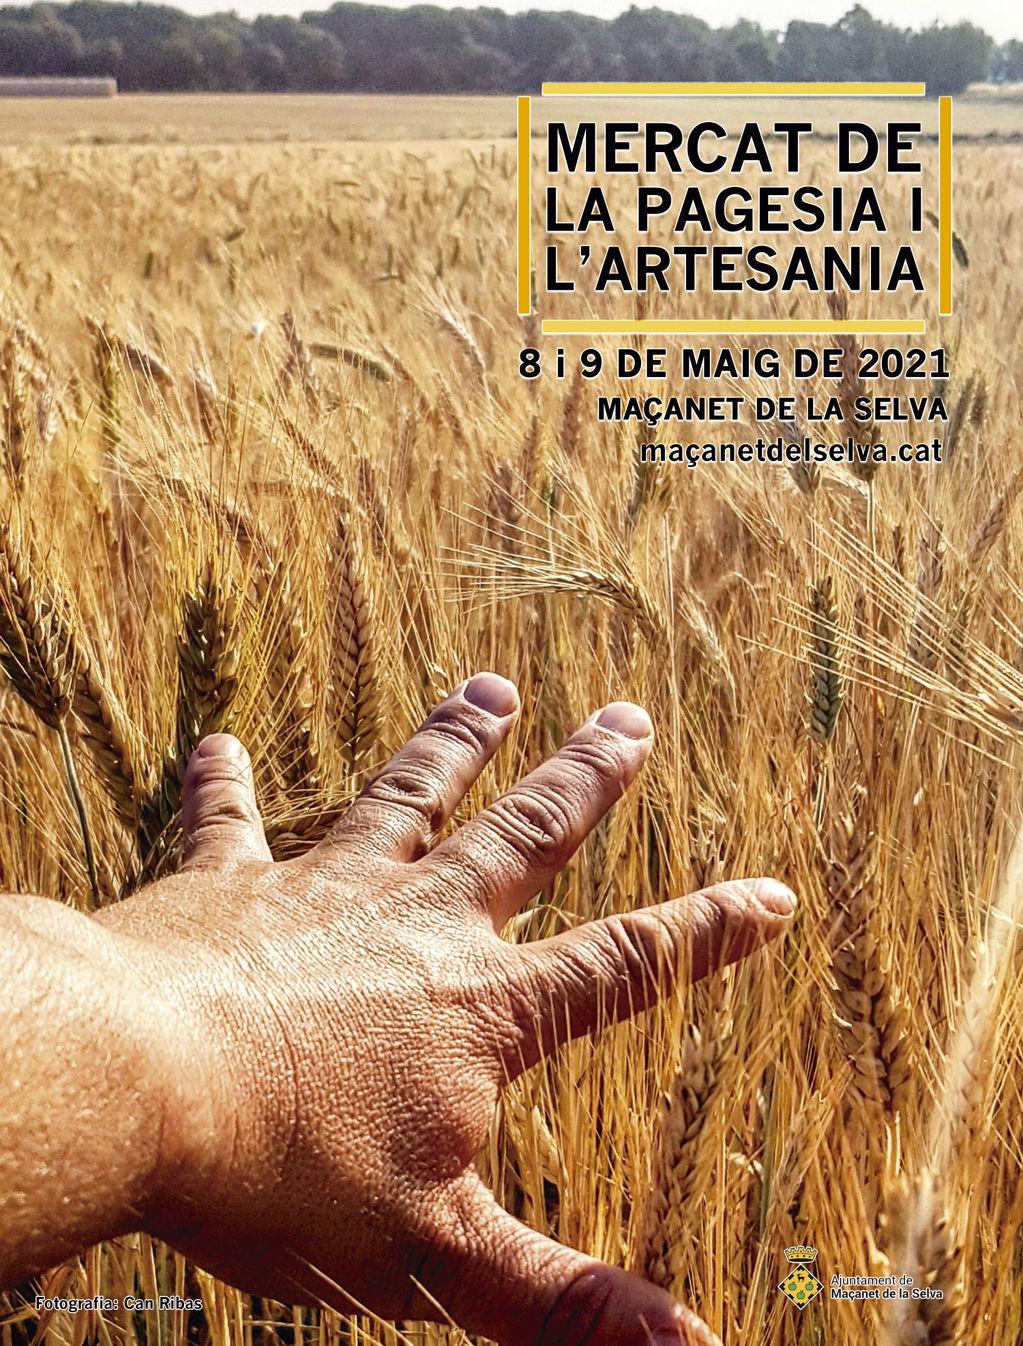 Mercat de la pagesia i l'artesania - 74673-mercat_pages_web.jpg